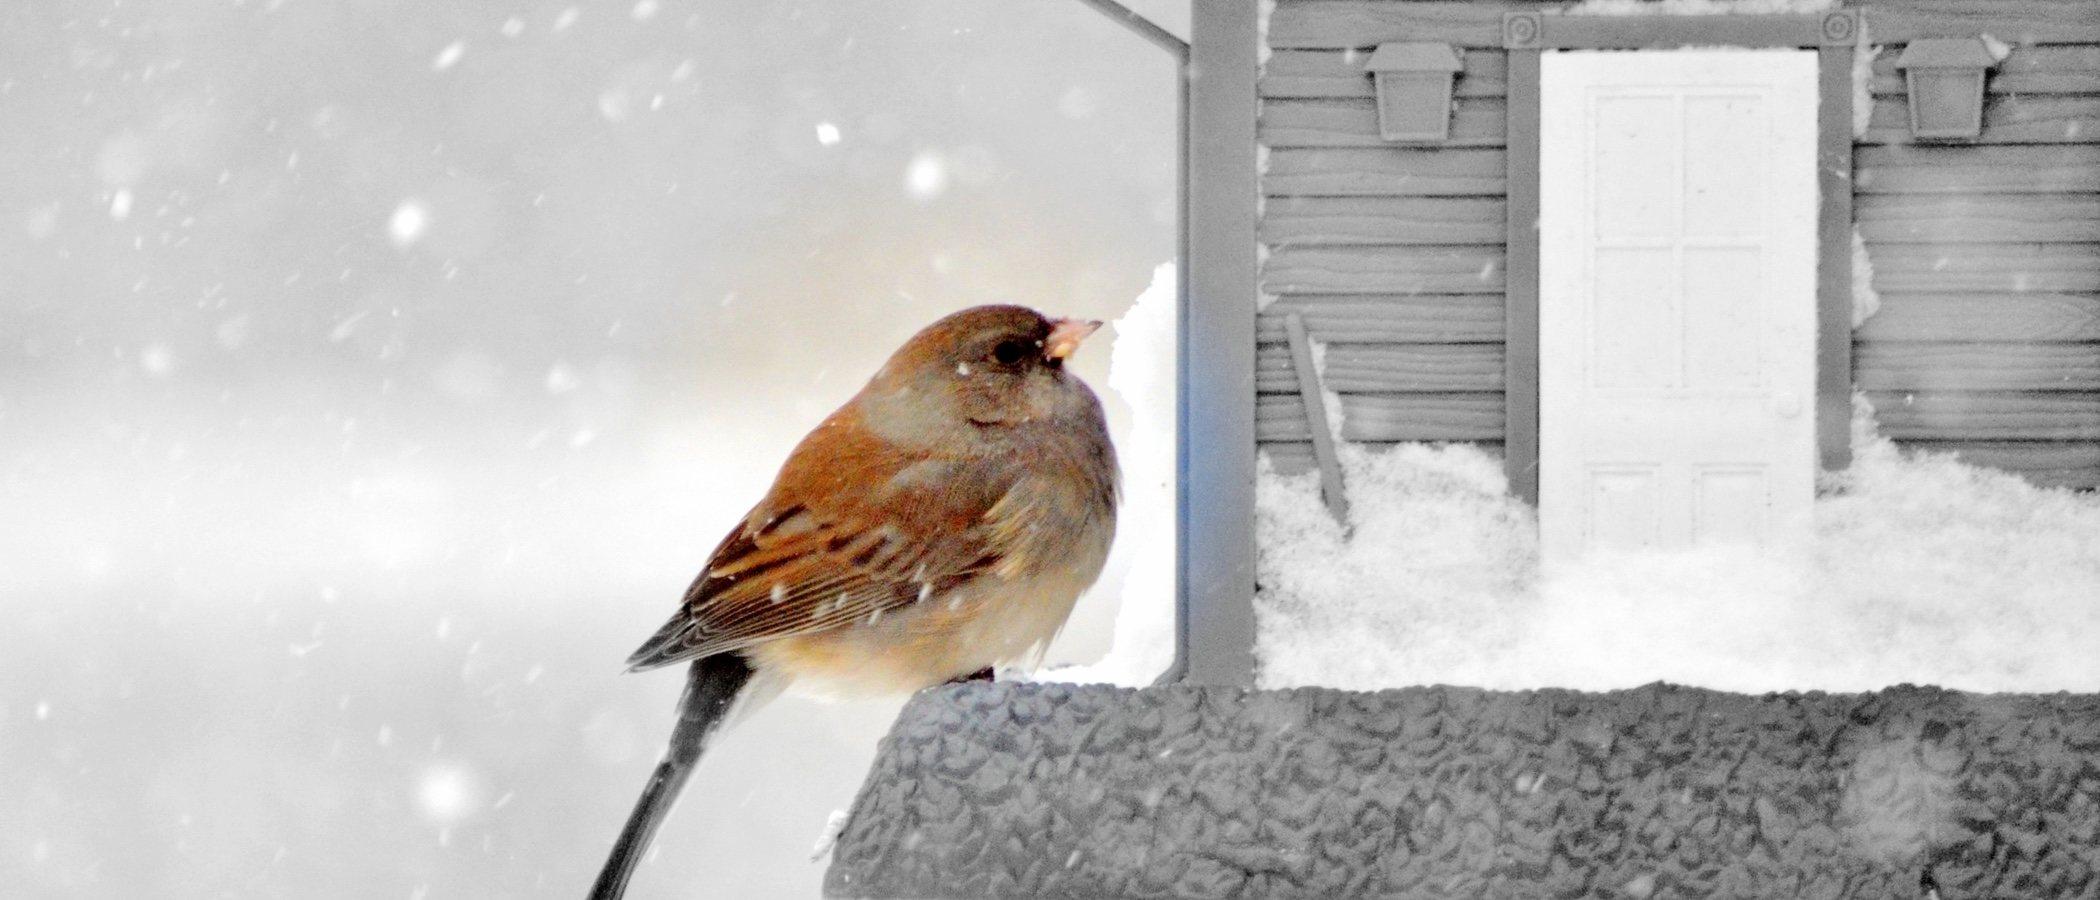 Cómo proteger a tu ave del frío: trucos y consejos